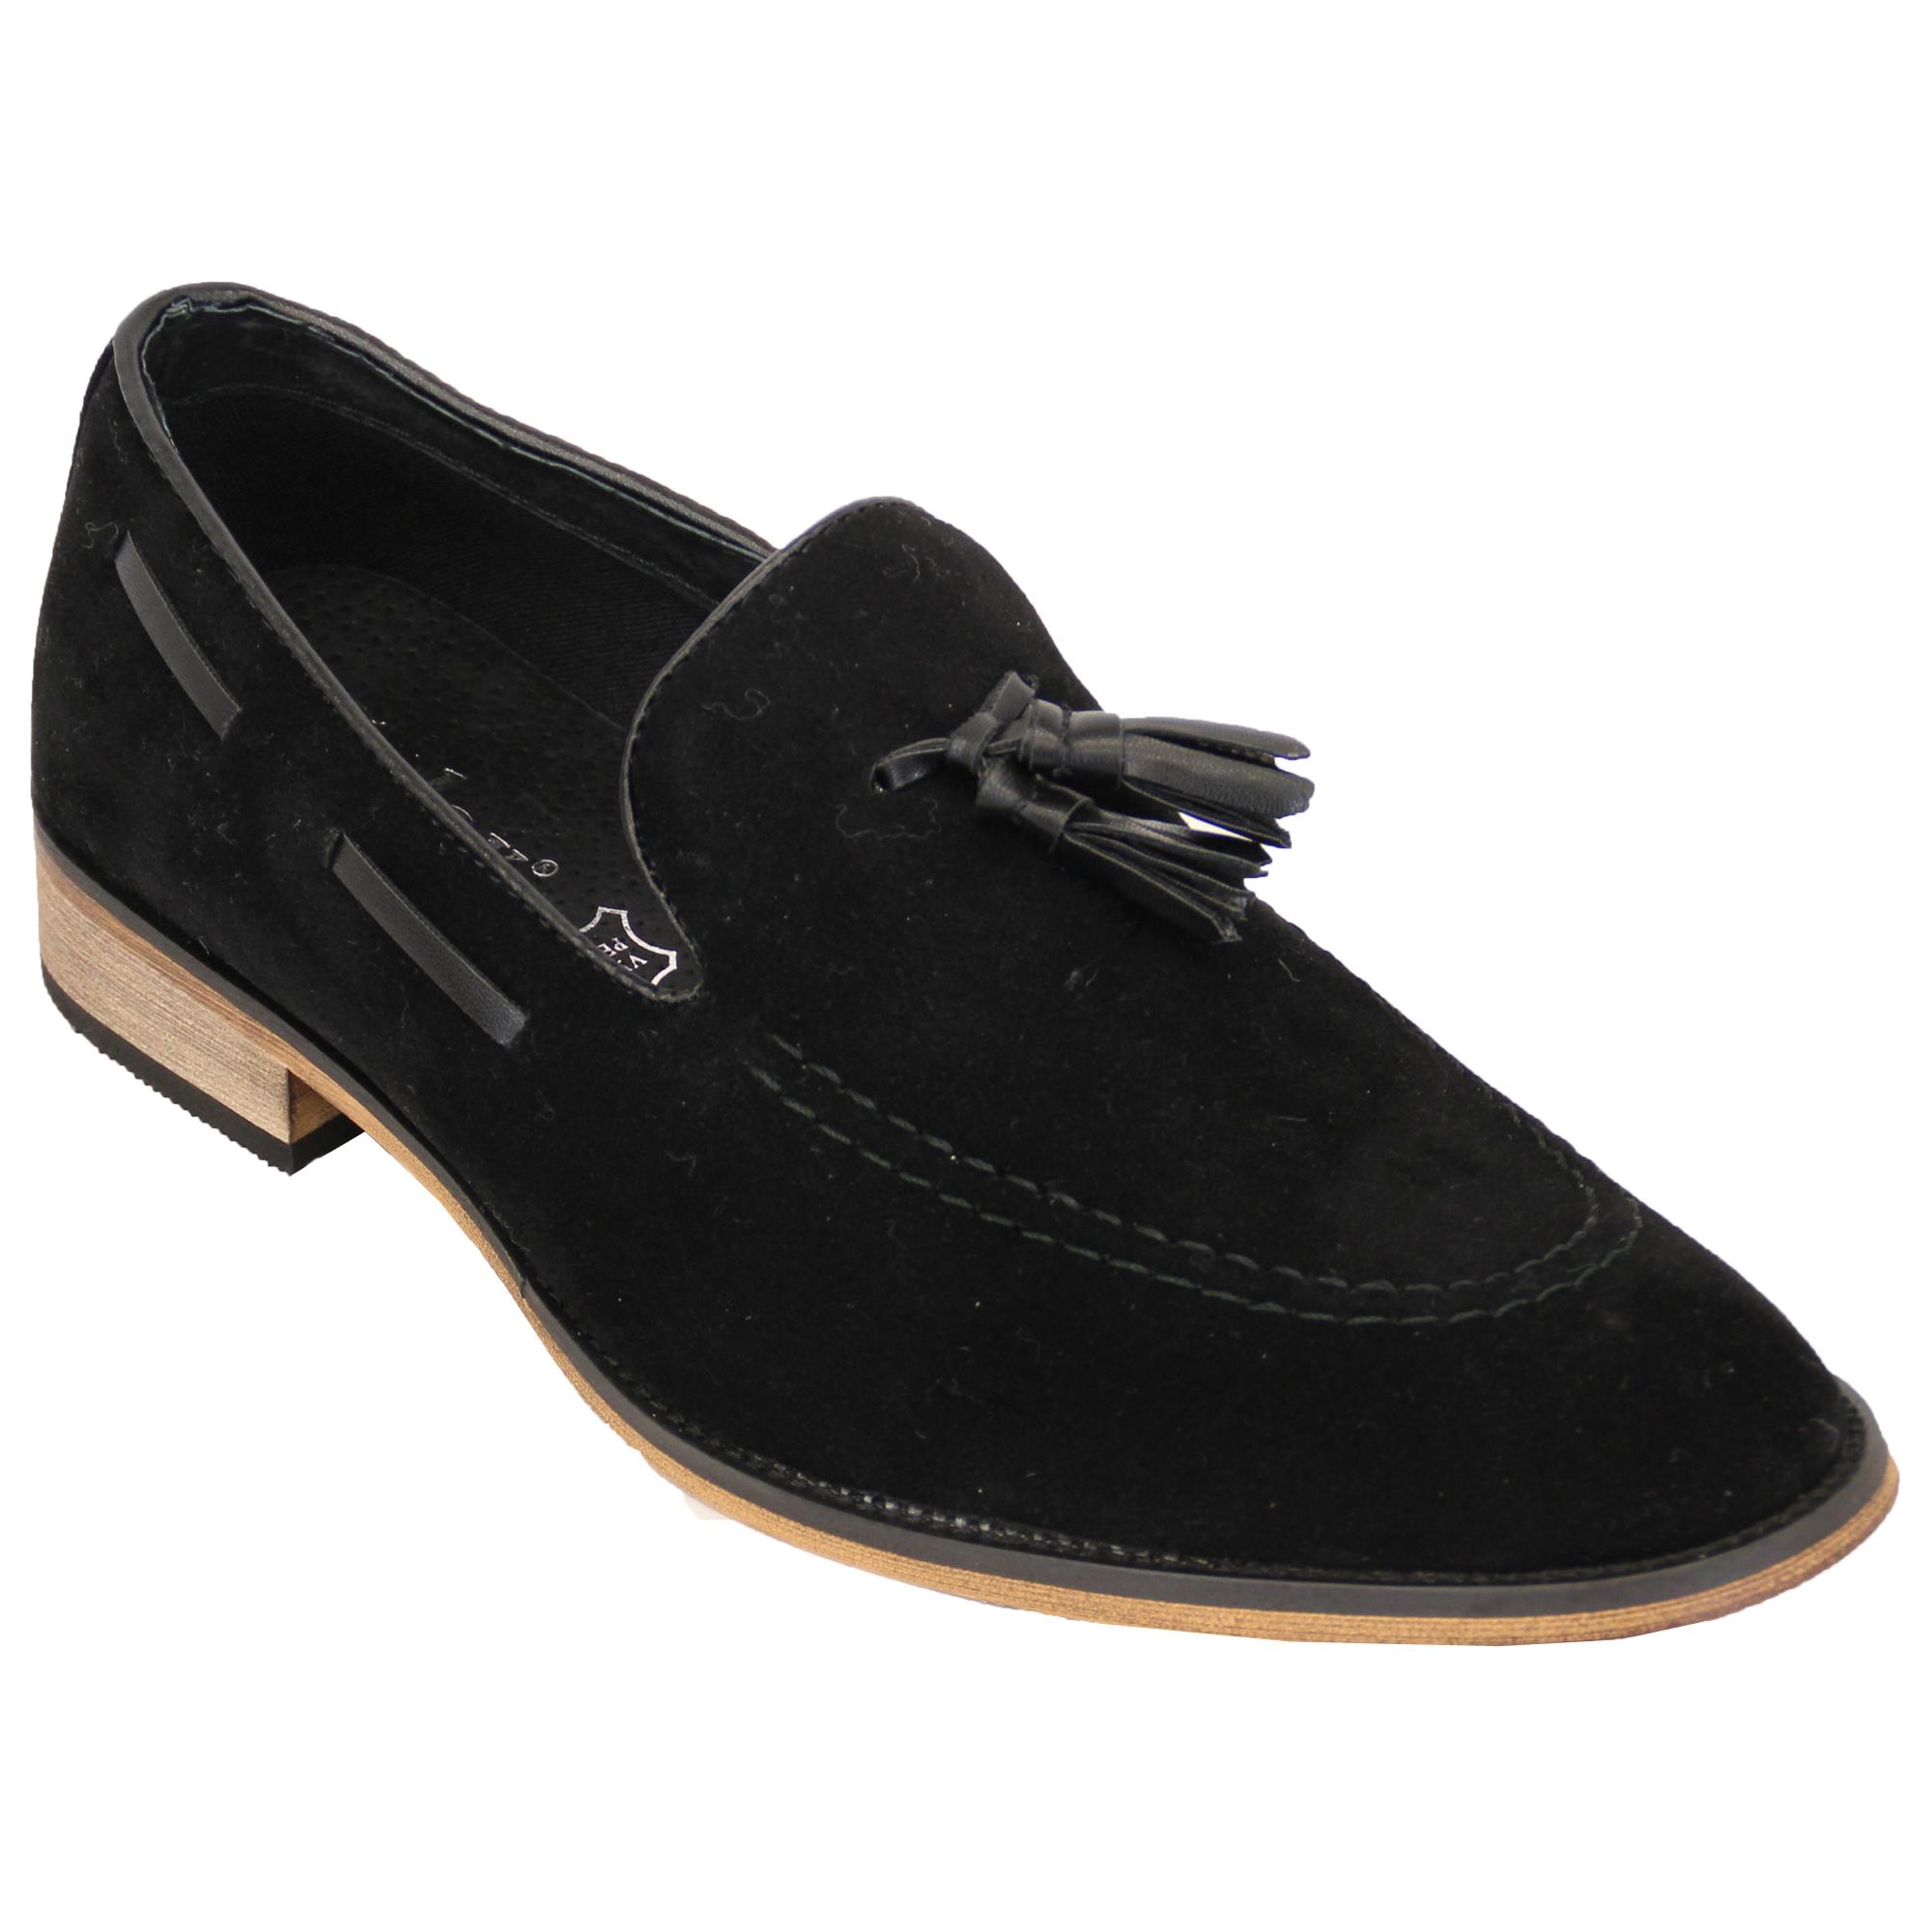 Premium Italian Mens Shoes